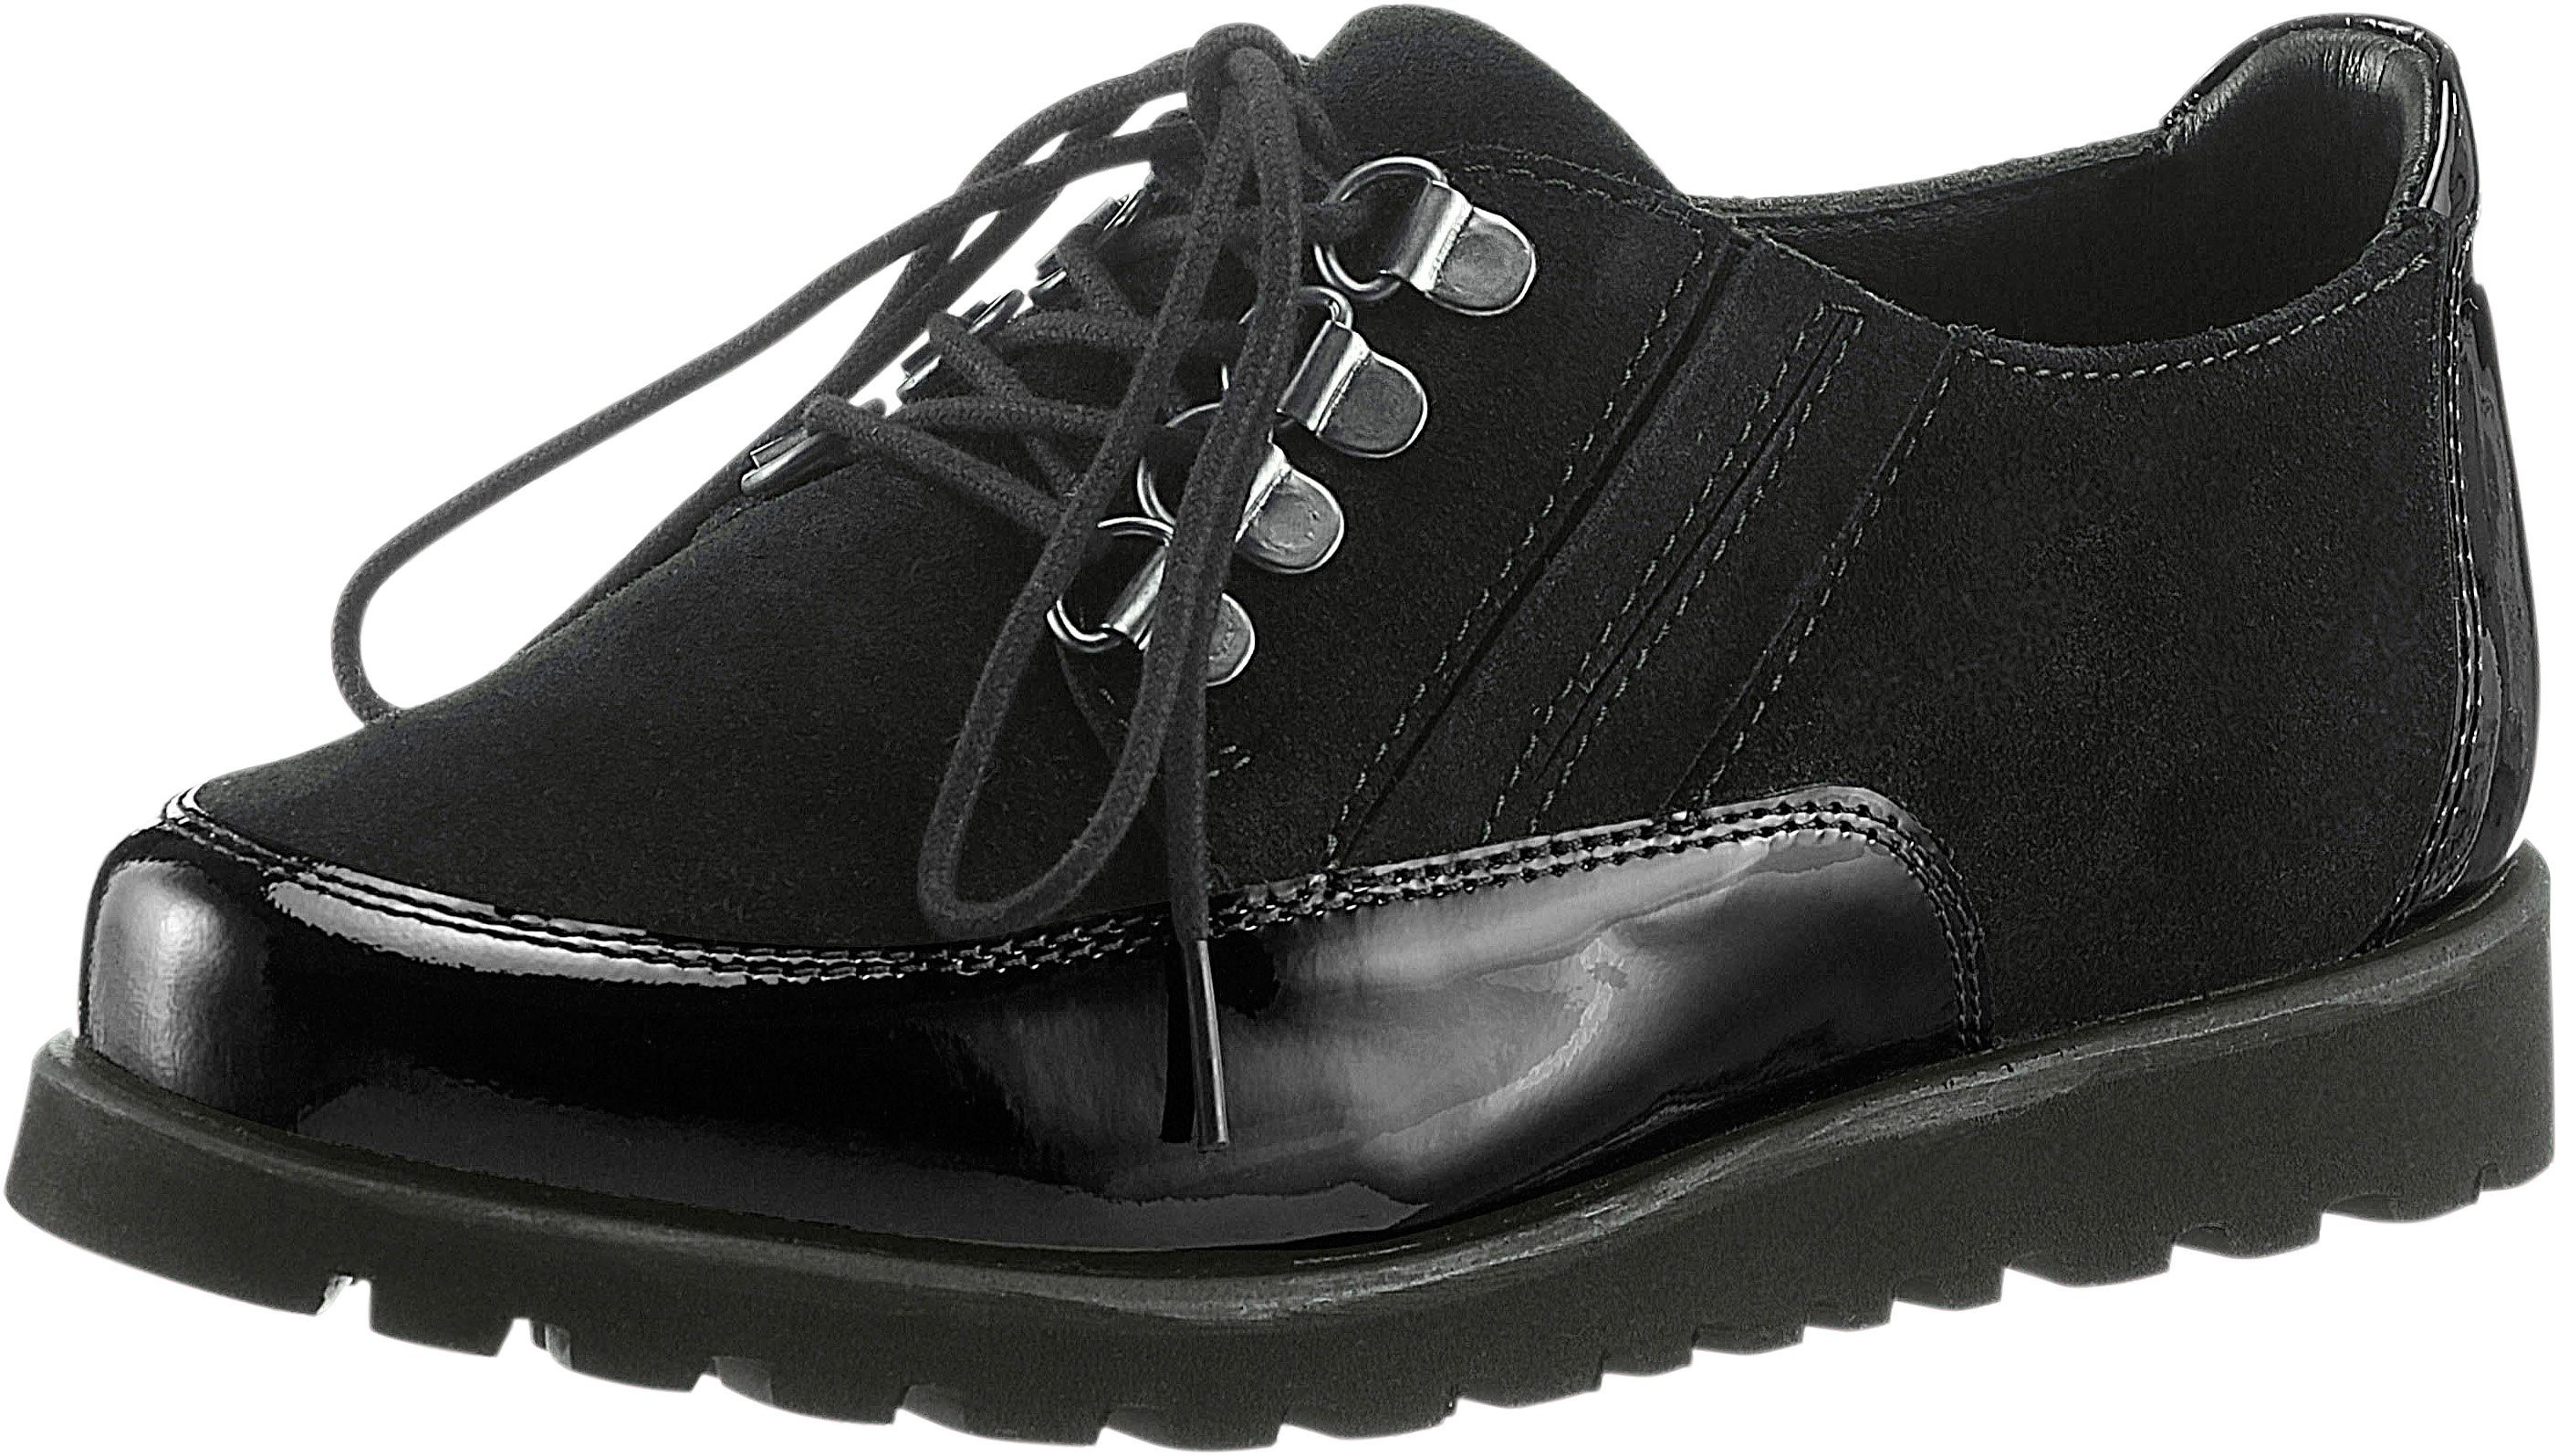 Airsoft Schnürschuh mit rutschhemmender EVA-Laufsohle online kaufen  schwarz